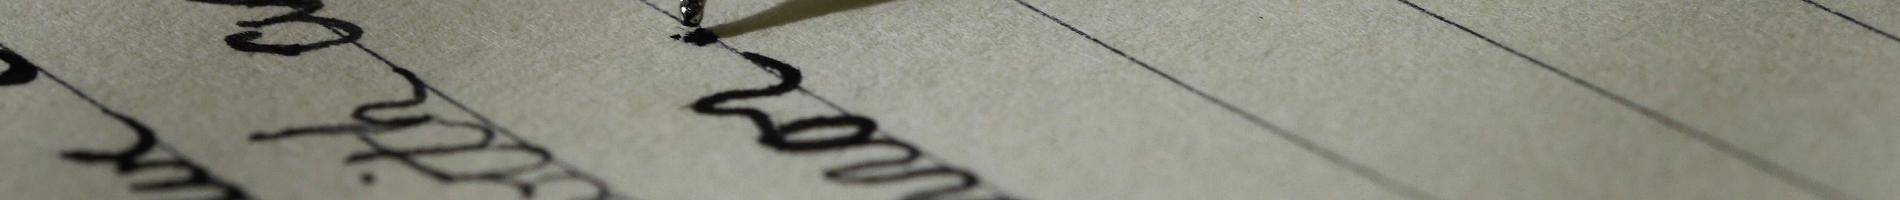 Macro écriture